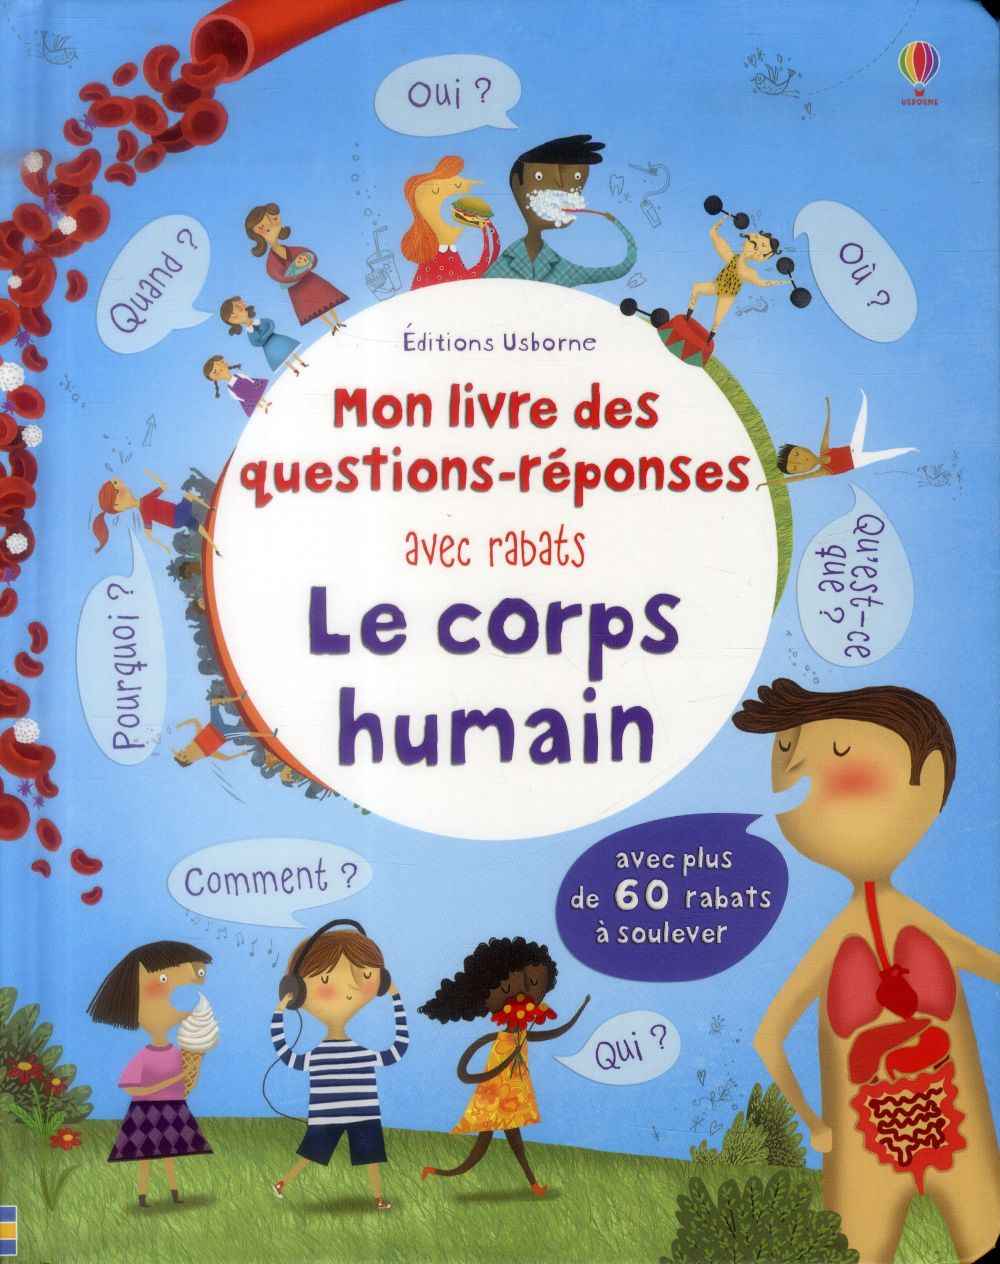 Le corps humain ; mon livre des questions-reponses